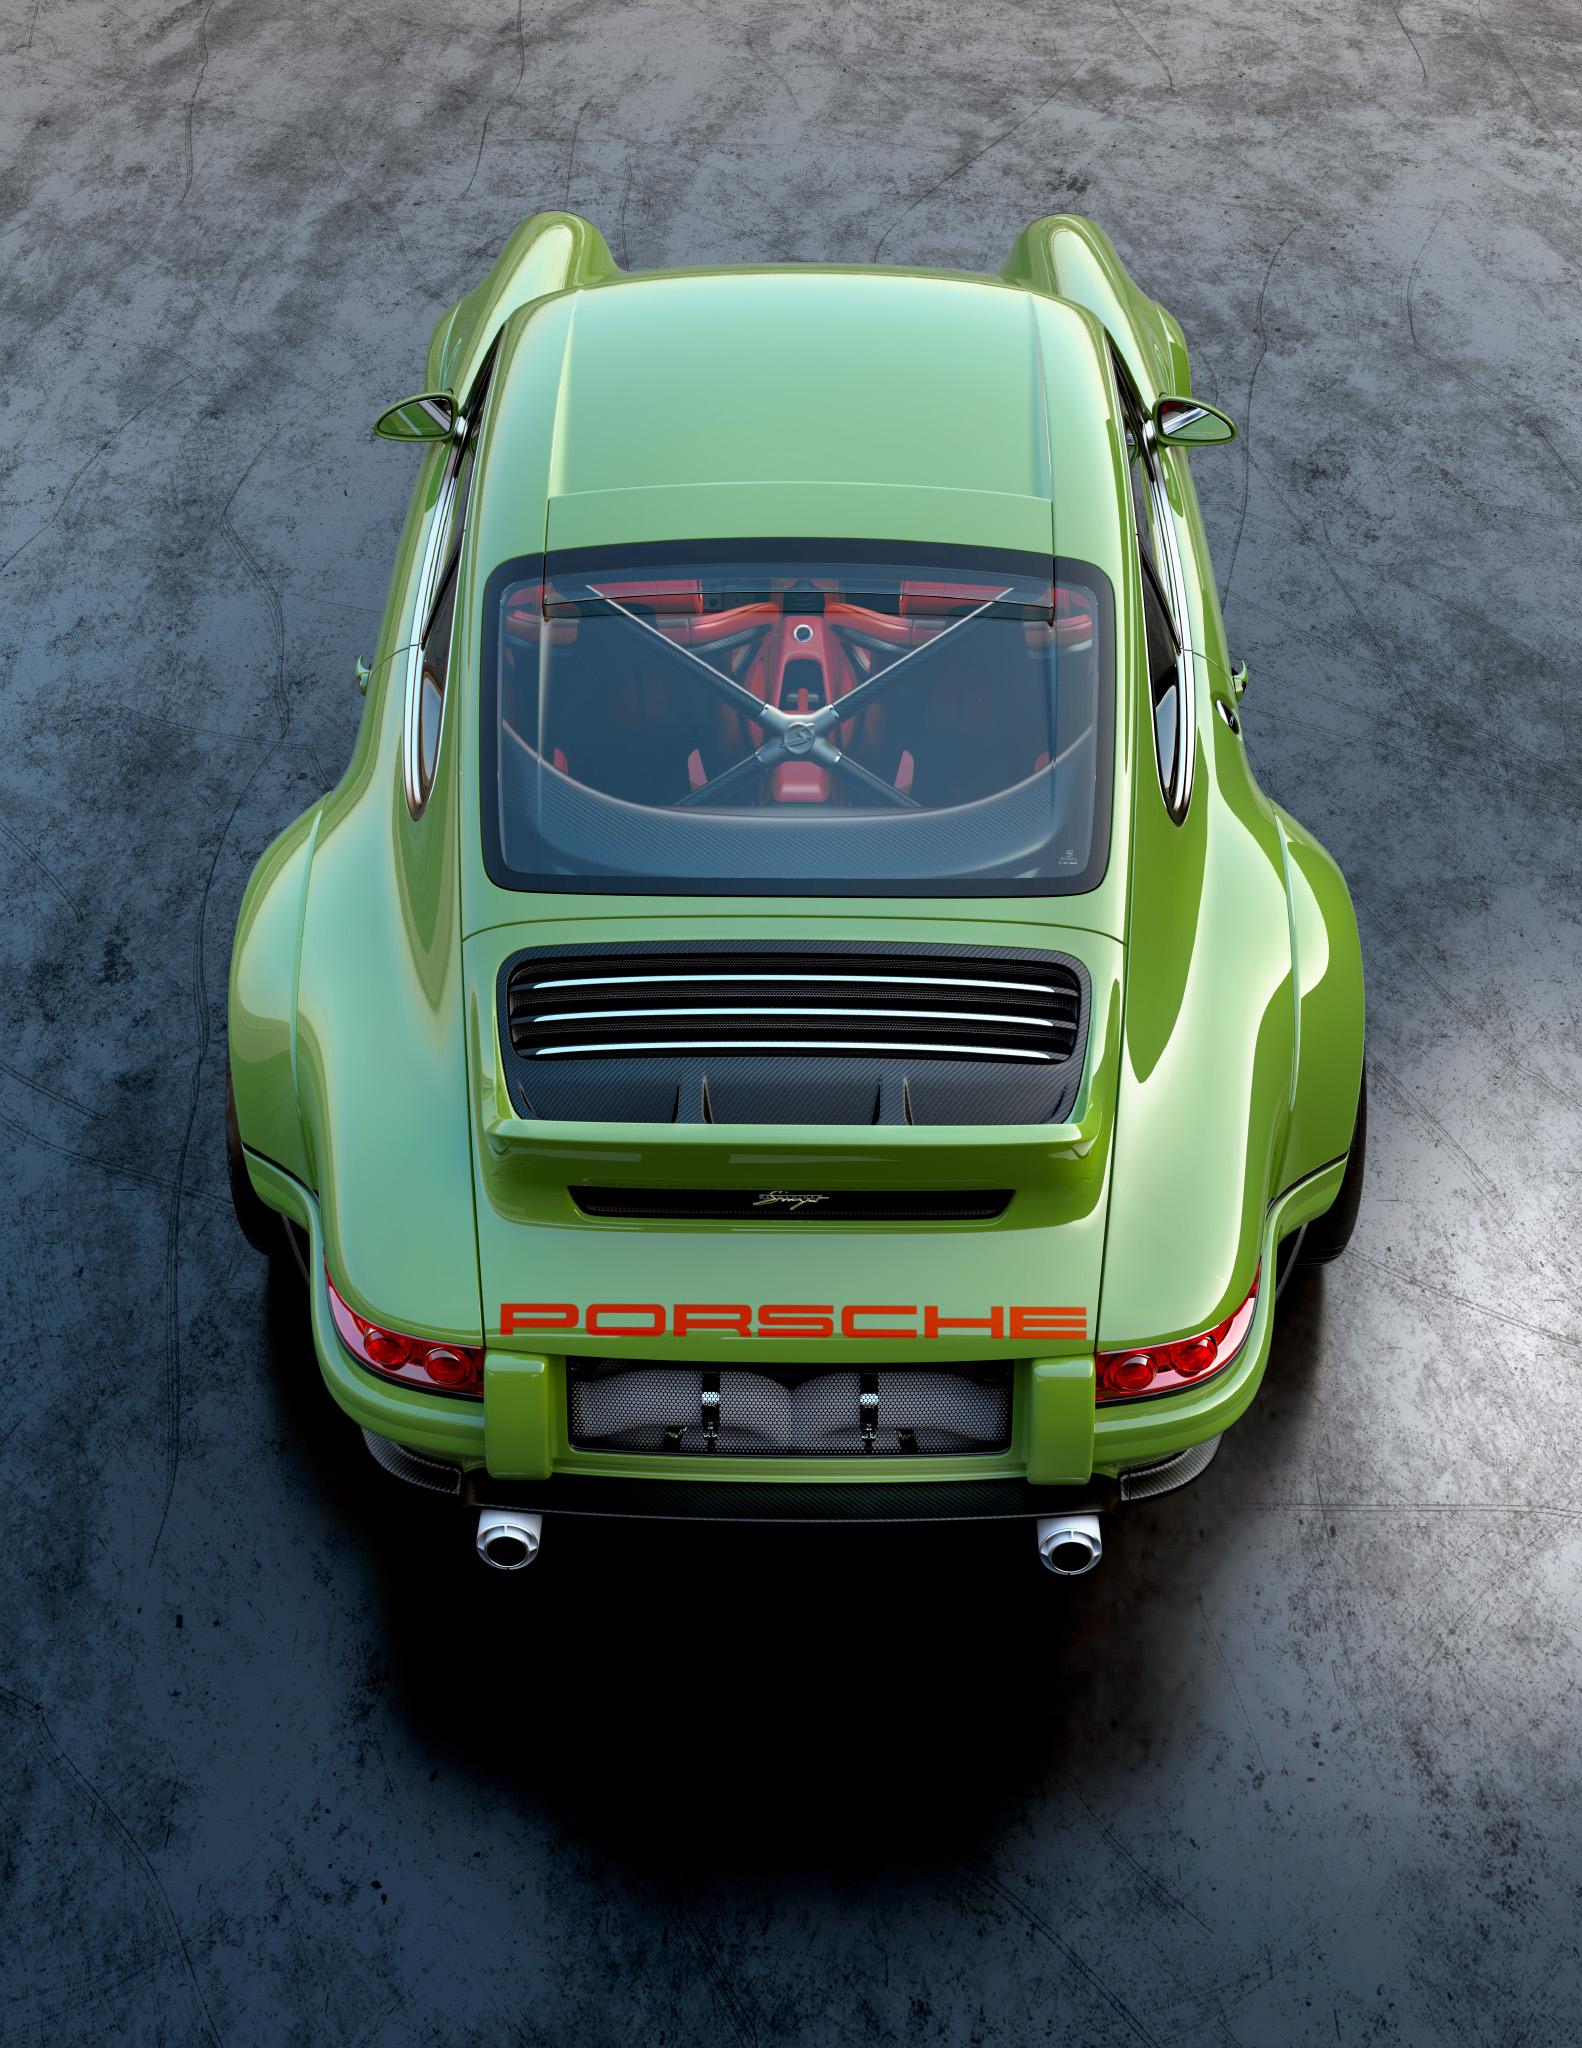 1990 Porsche 911 rear high